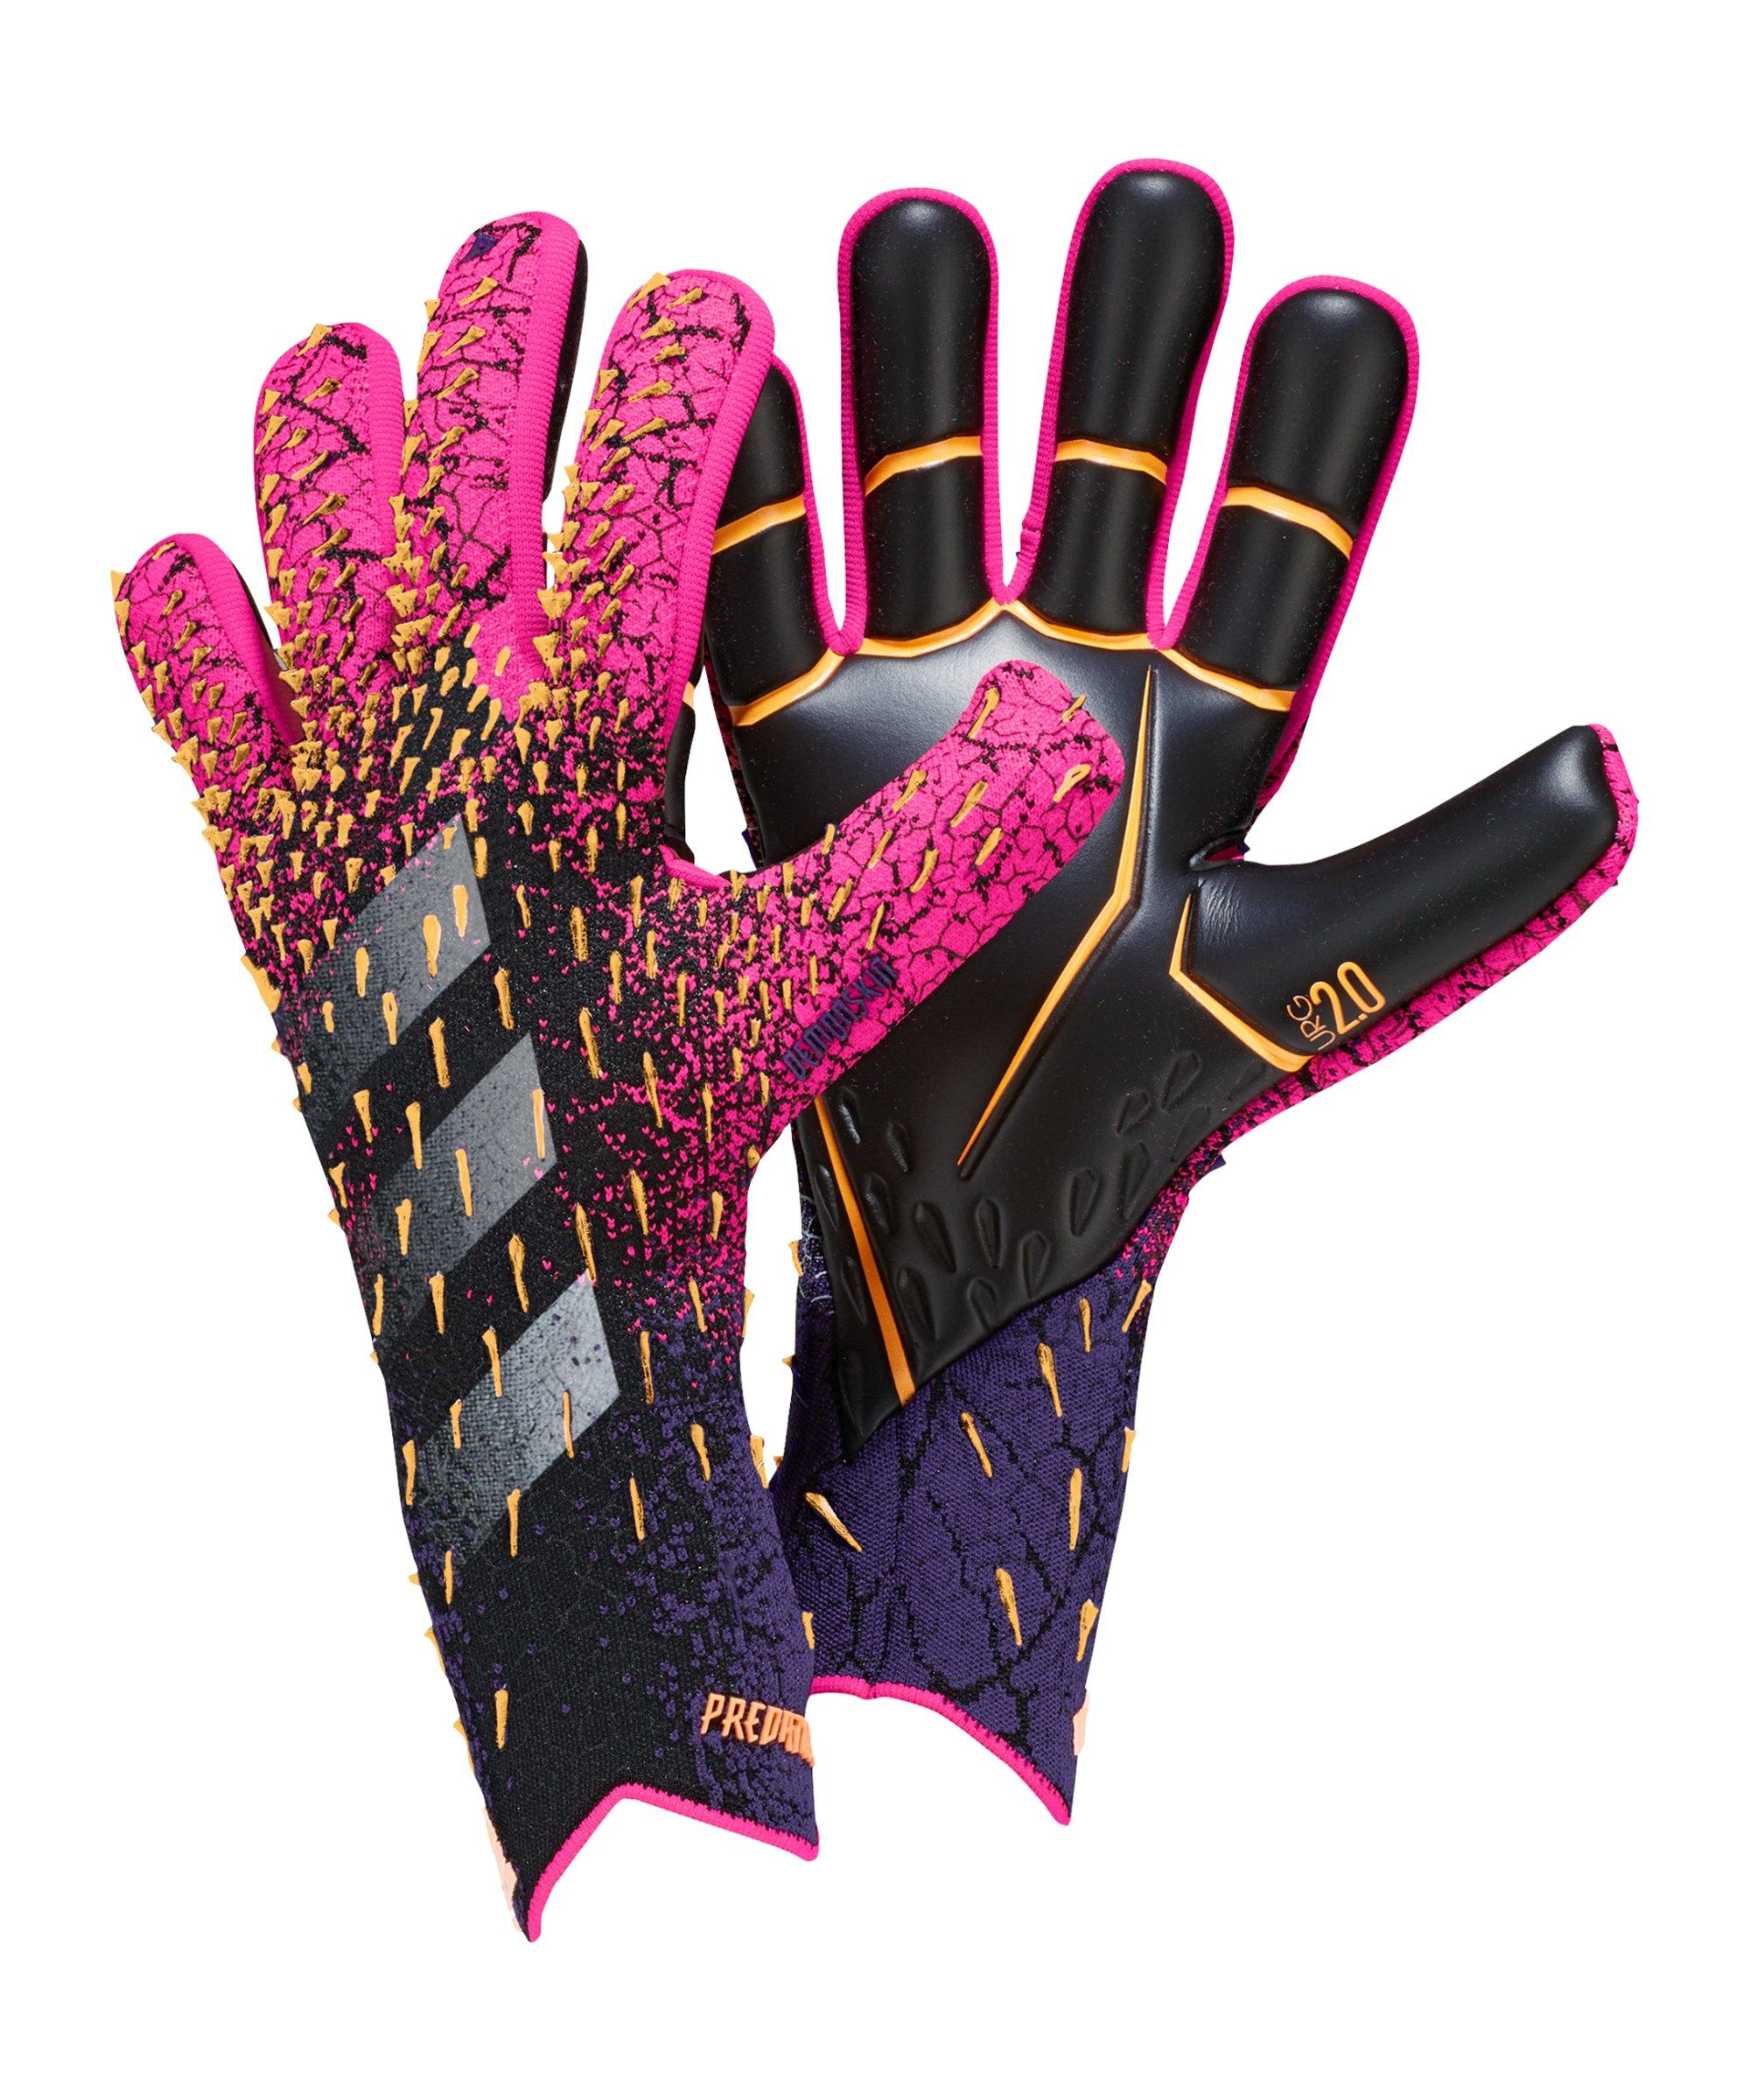 adidas Predator Pro Superspectral TW-Handschuh Schwarz Pink - schwarz